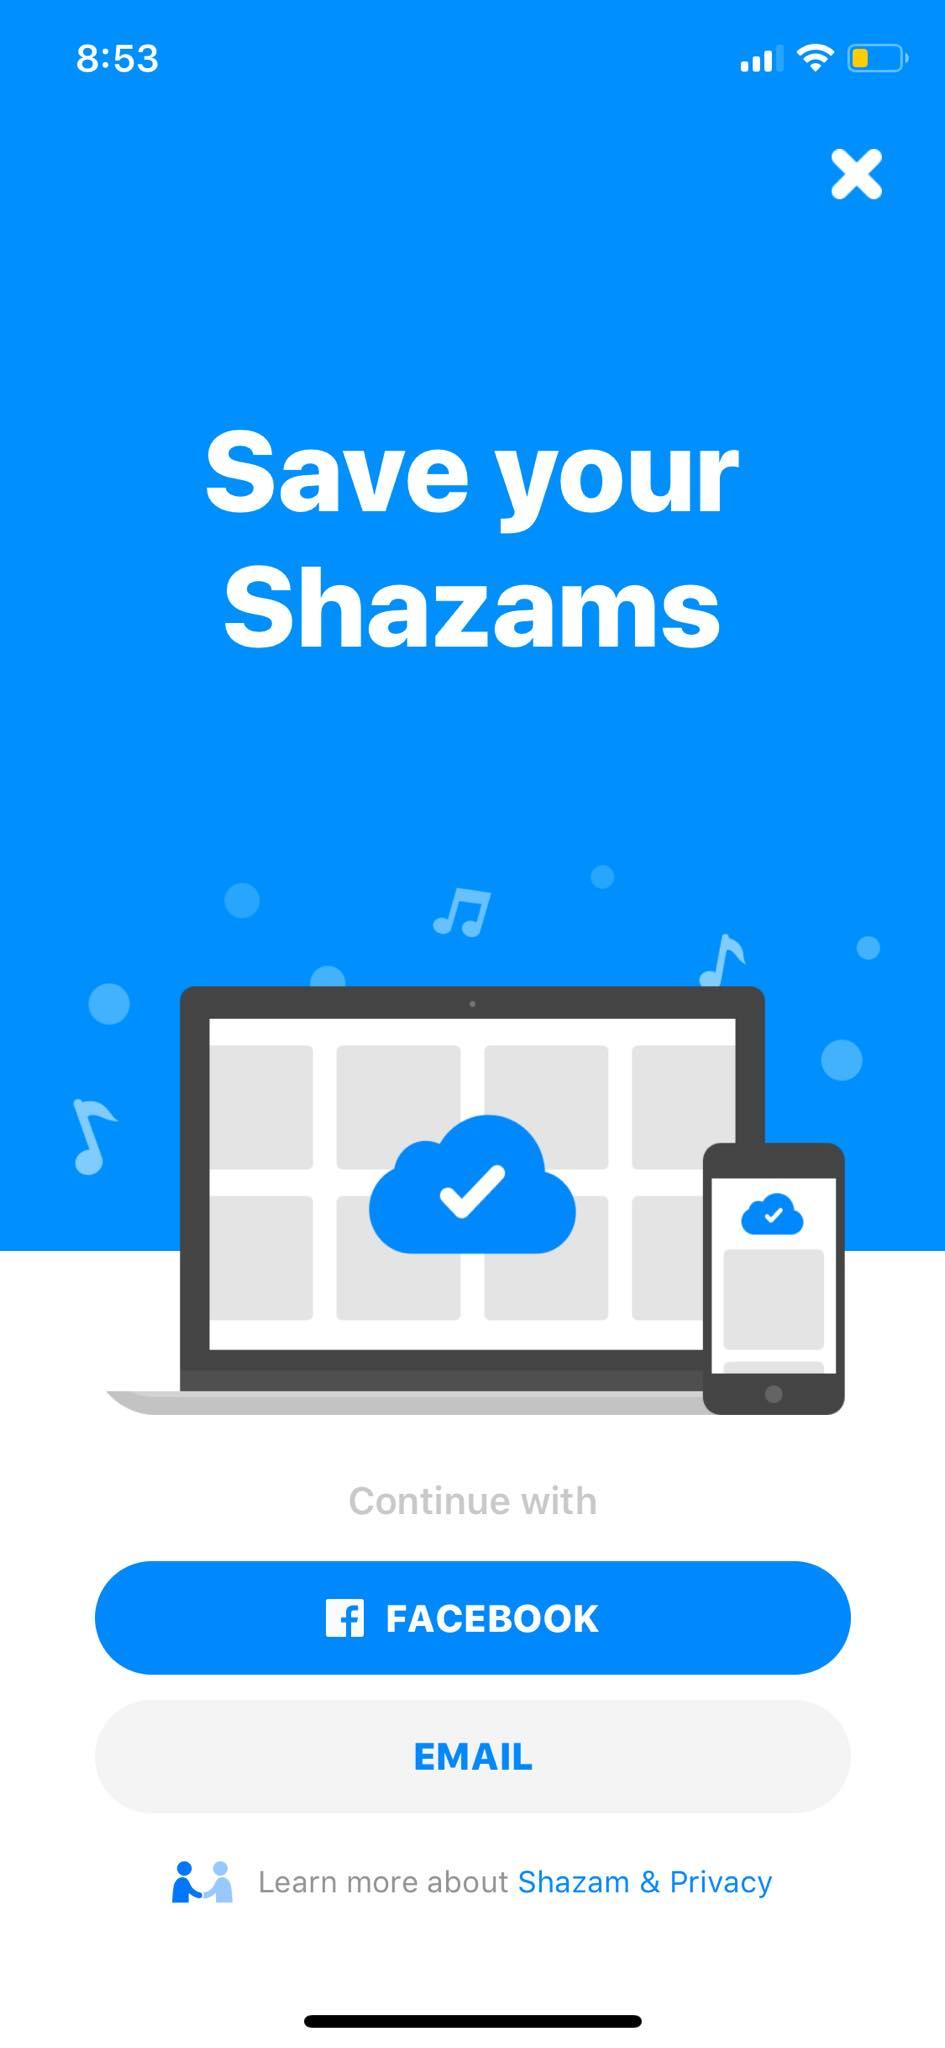 Save your Shazam on iOS by Shazam